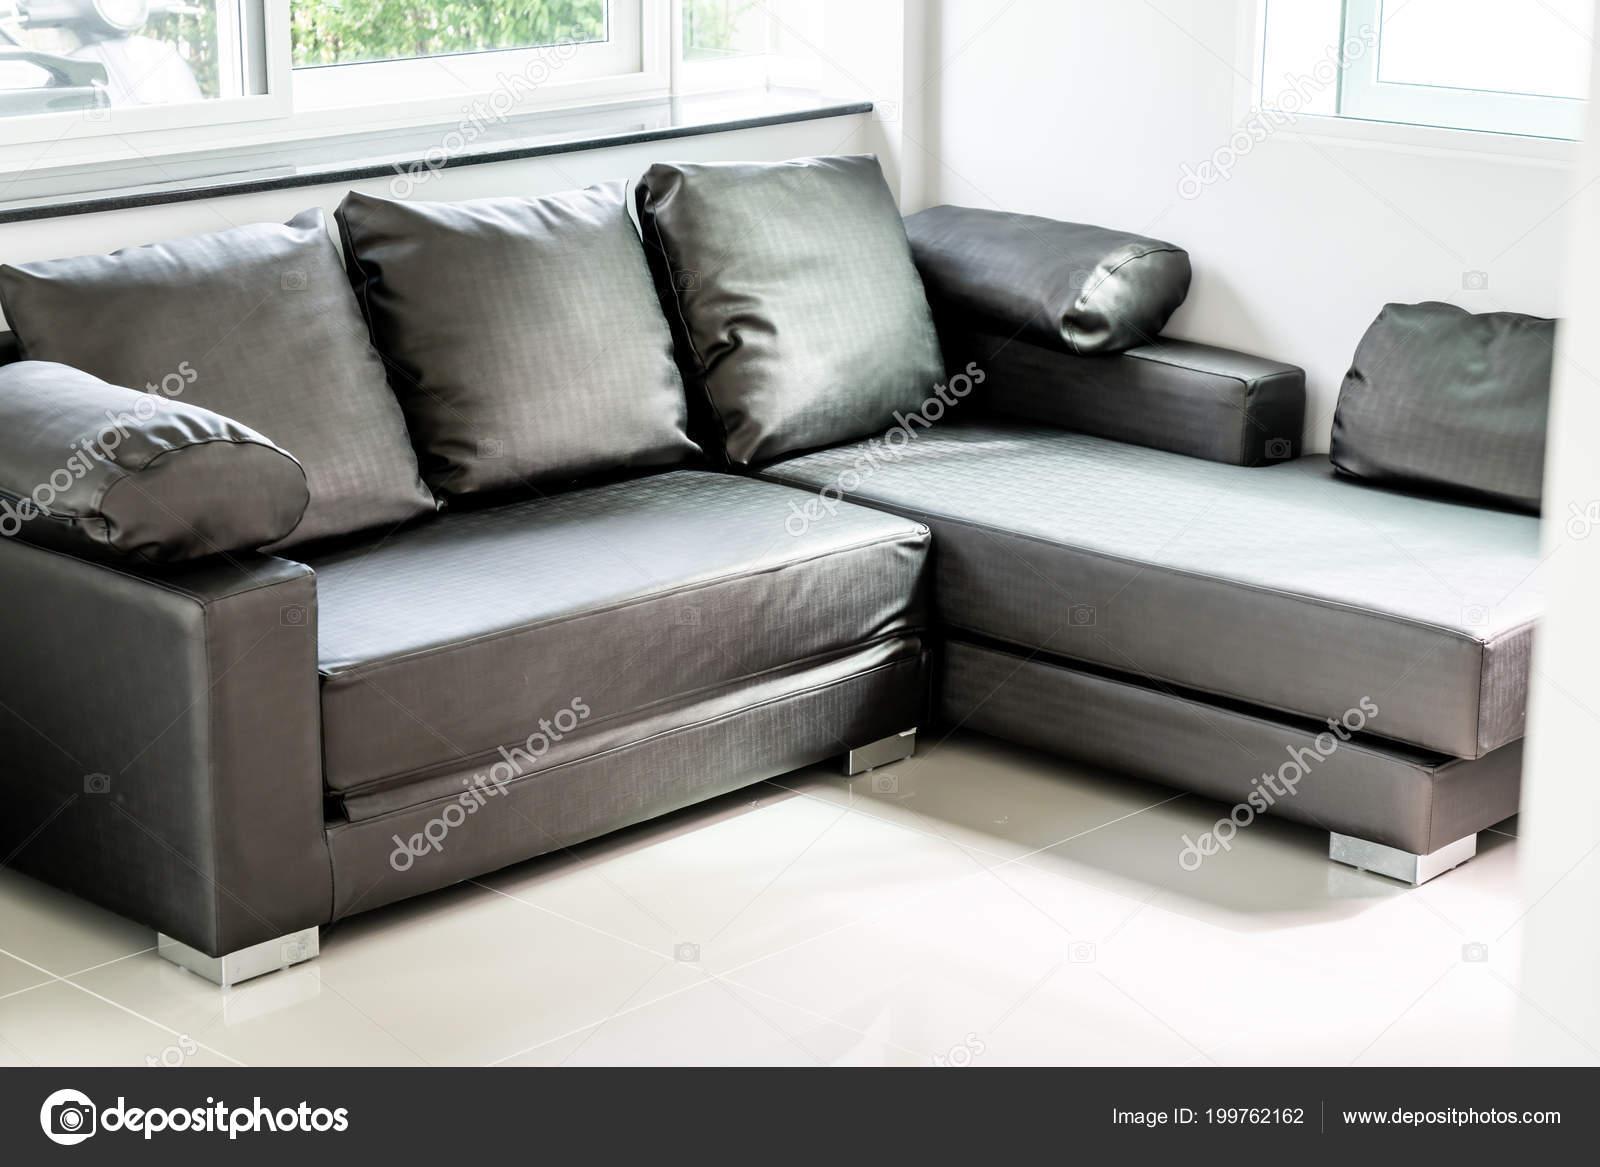 Sofa Moderno Decoracao Interiores Sala Estar Stock Photo C Topntp